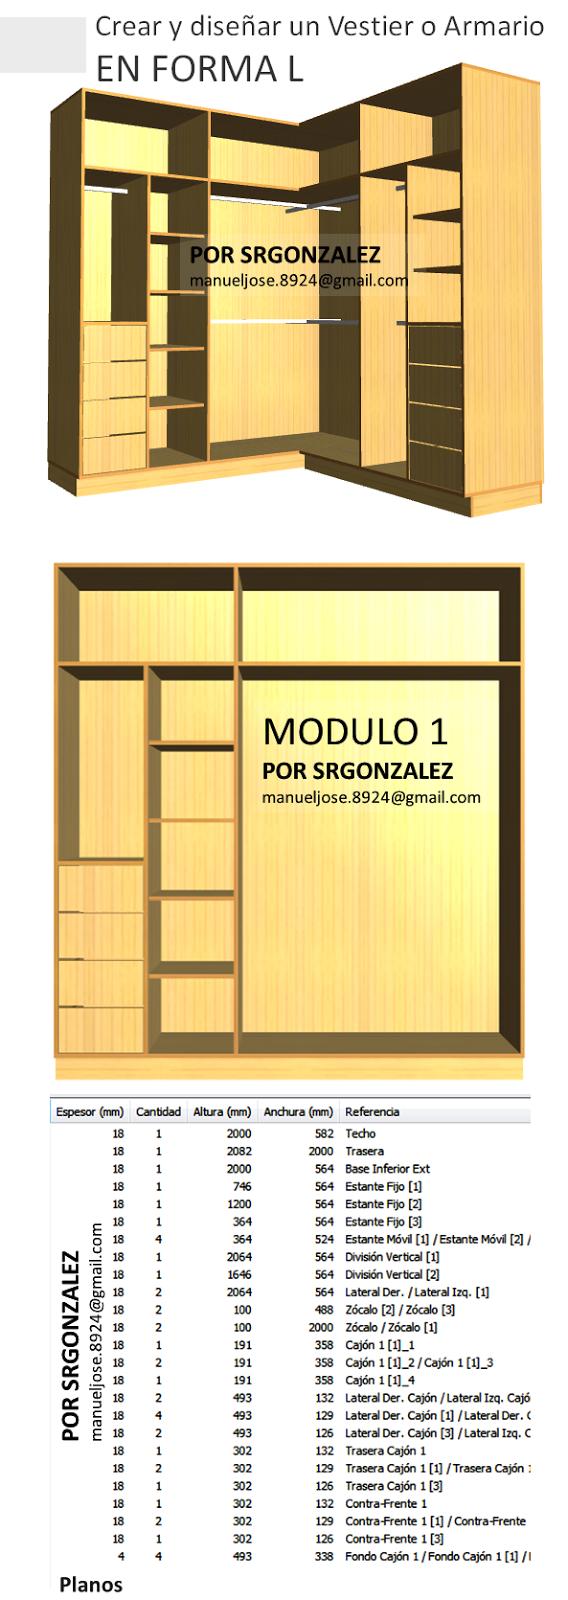 Dise o de muebles madera crear y dise ar un vestier o for Diseno de armarios online